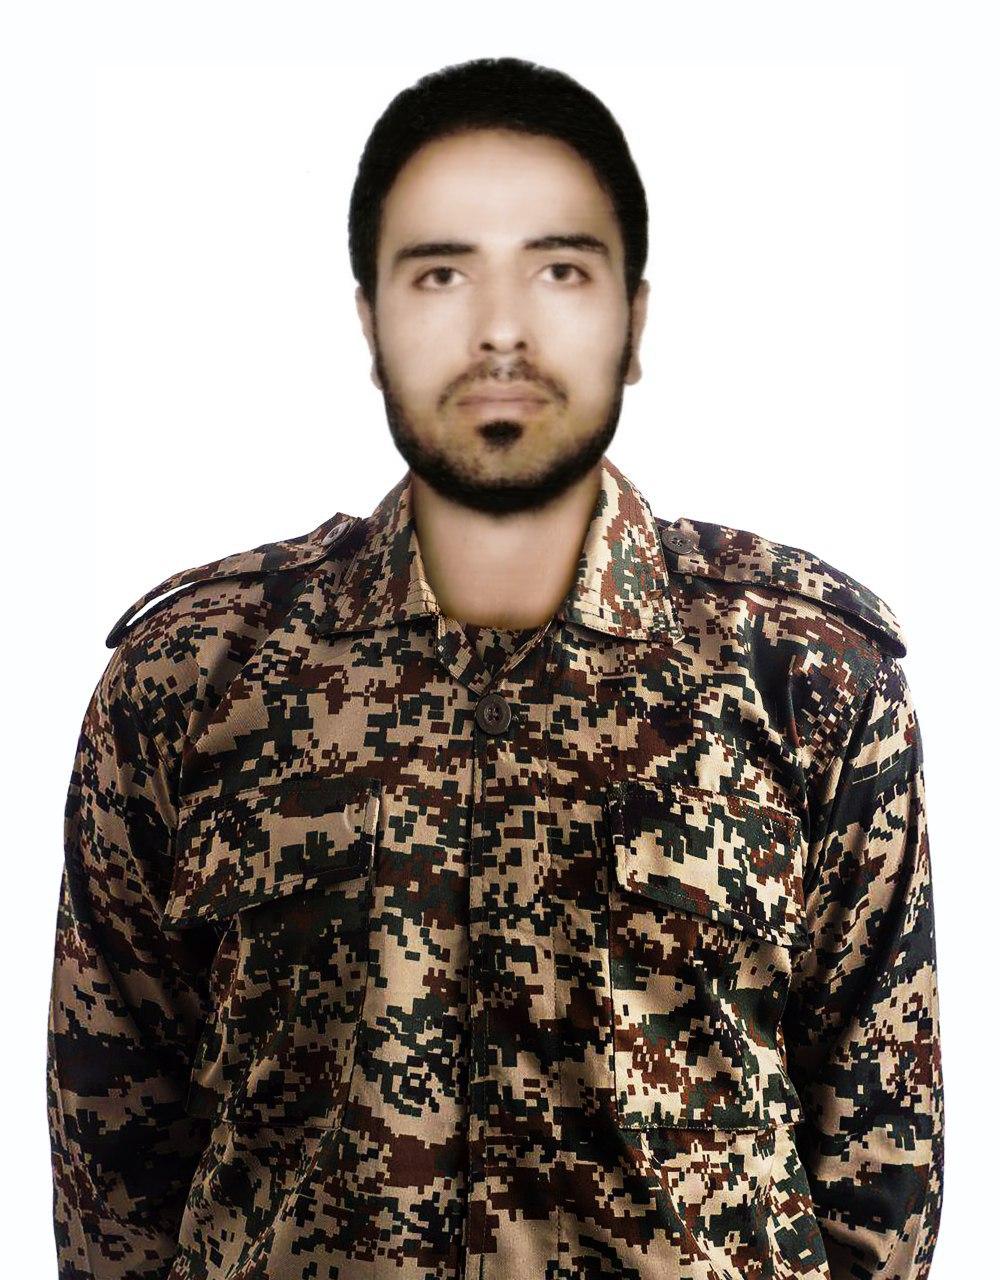 امروز، تشییع پیکر شهید سید علی رضوی در بیرجند